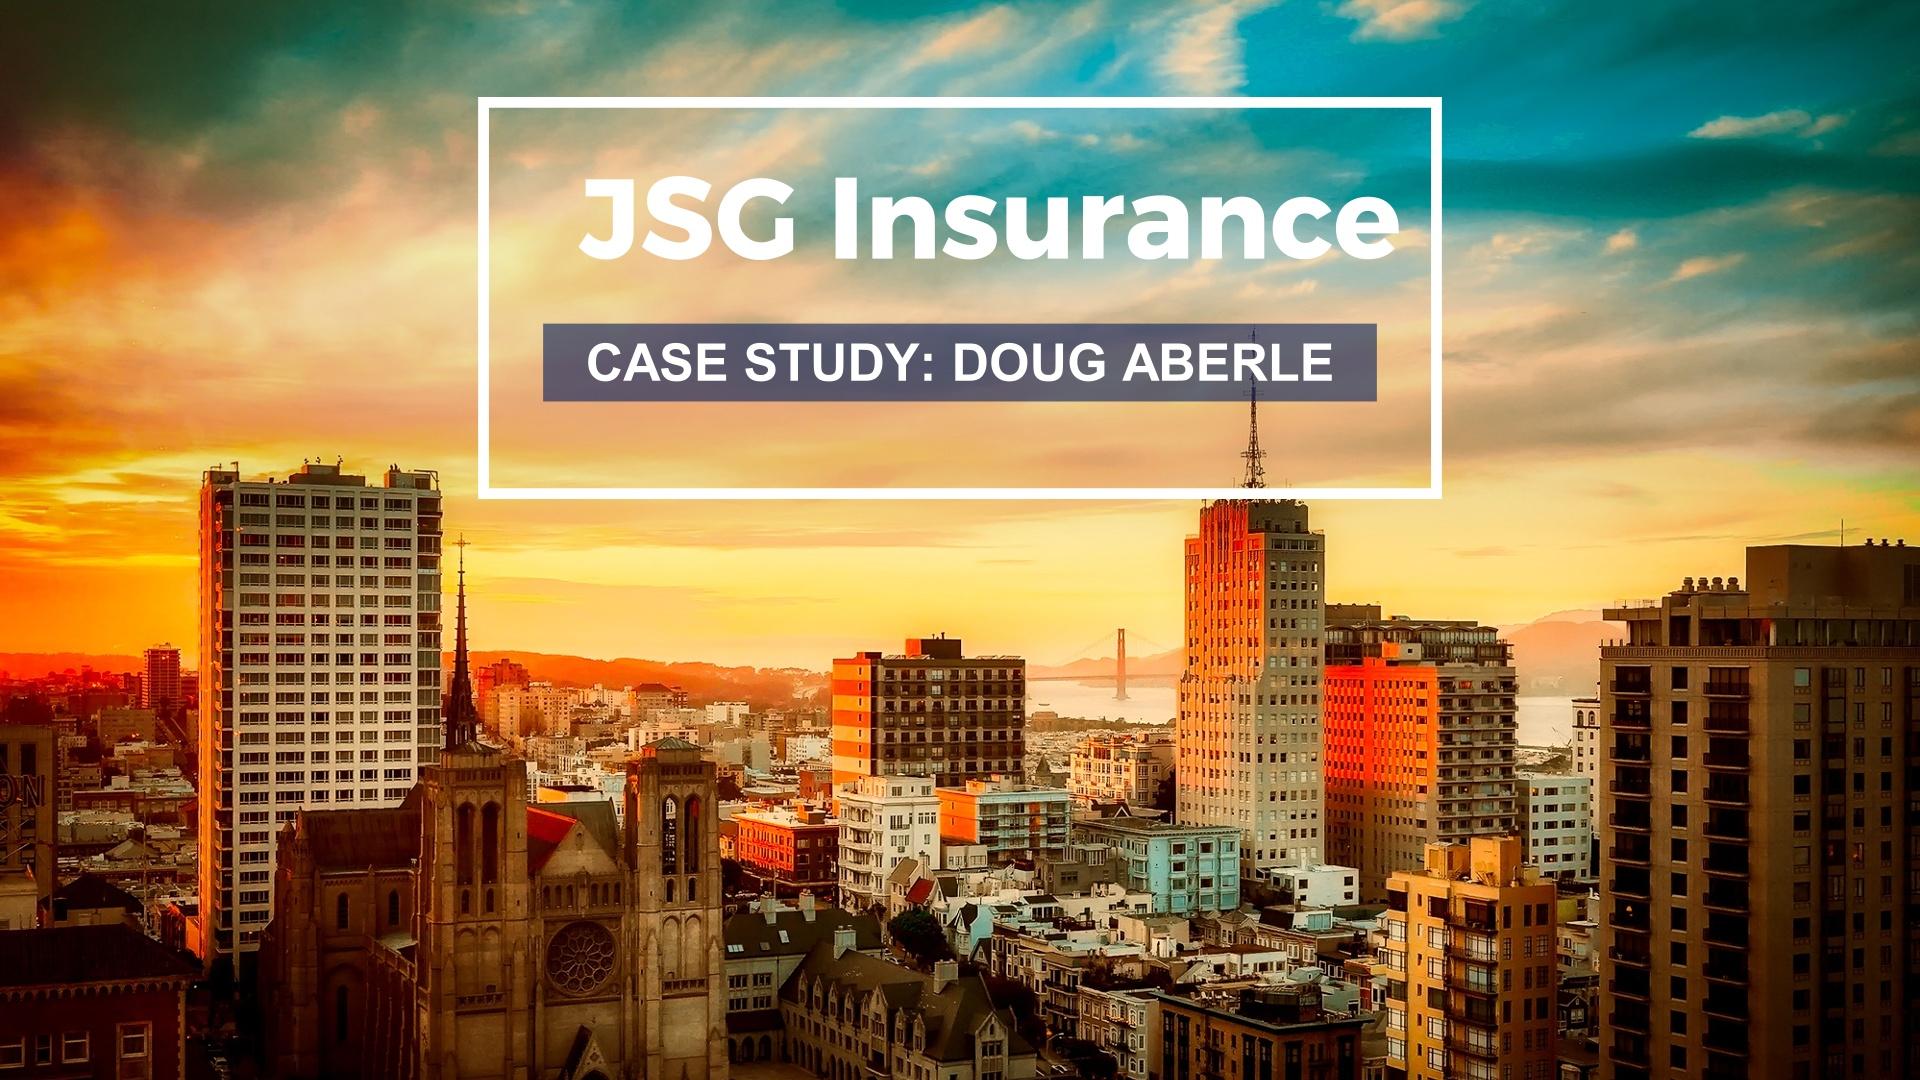 JSG insurance - Doug Aberle